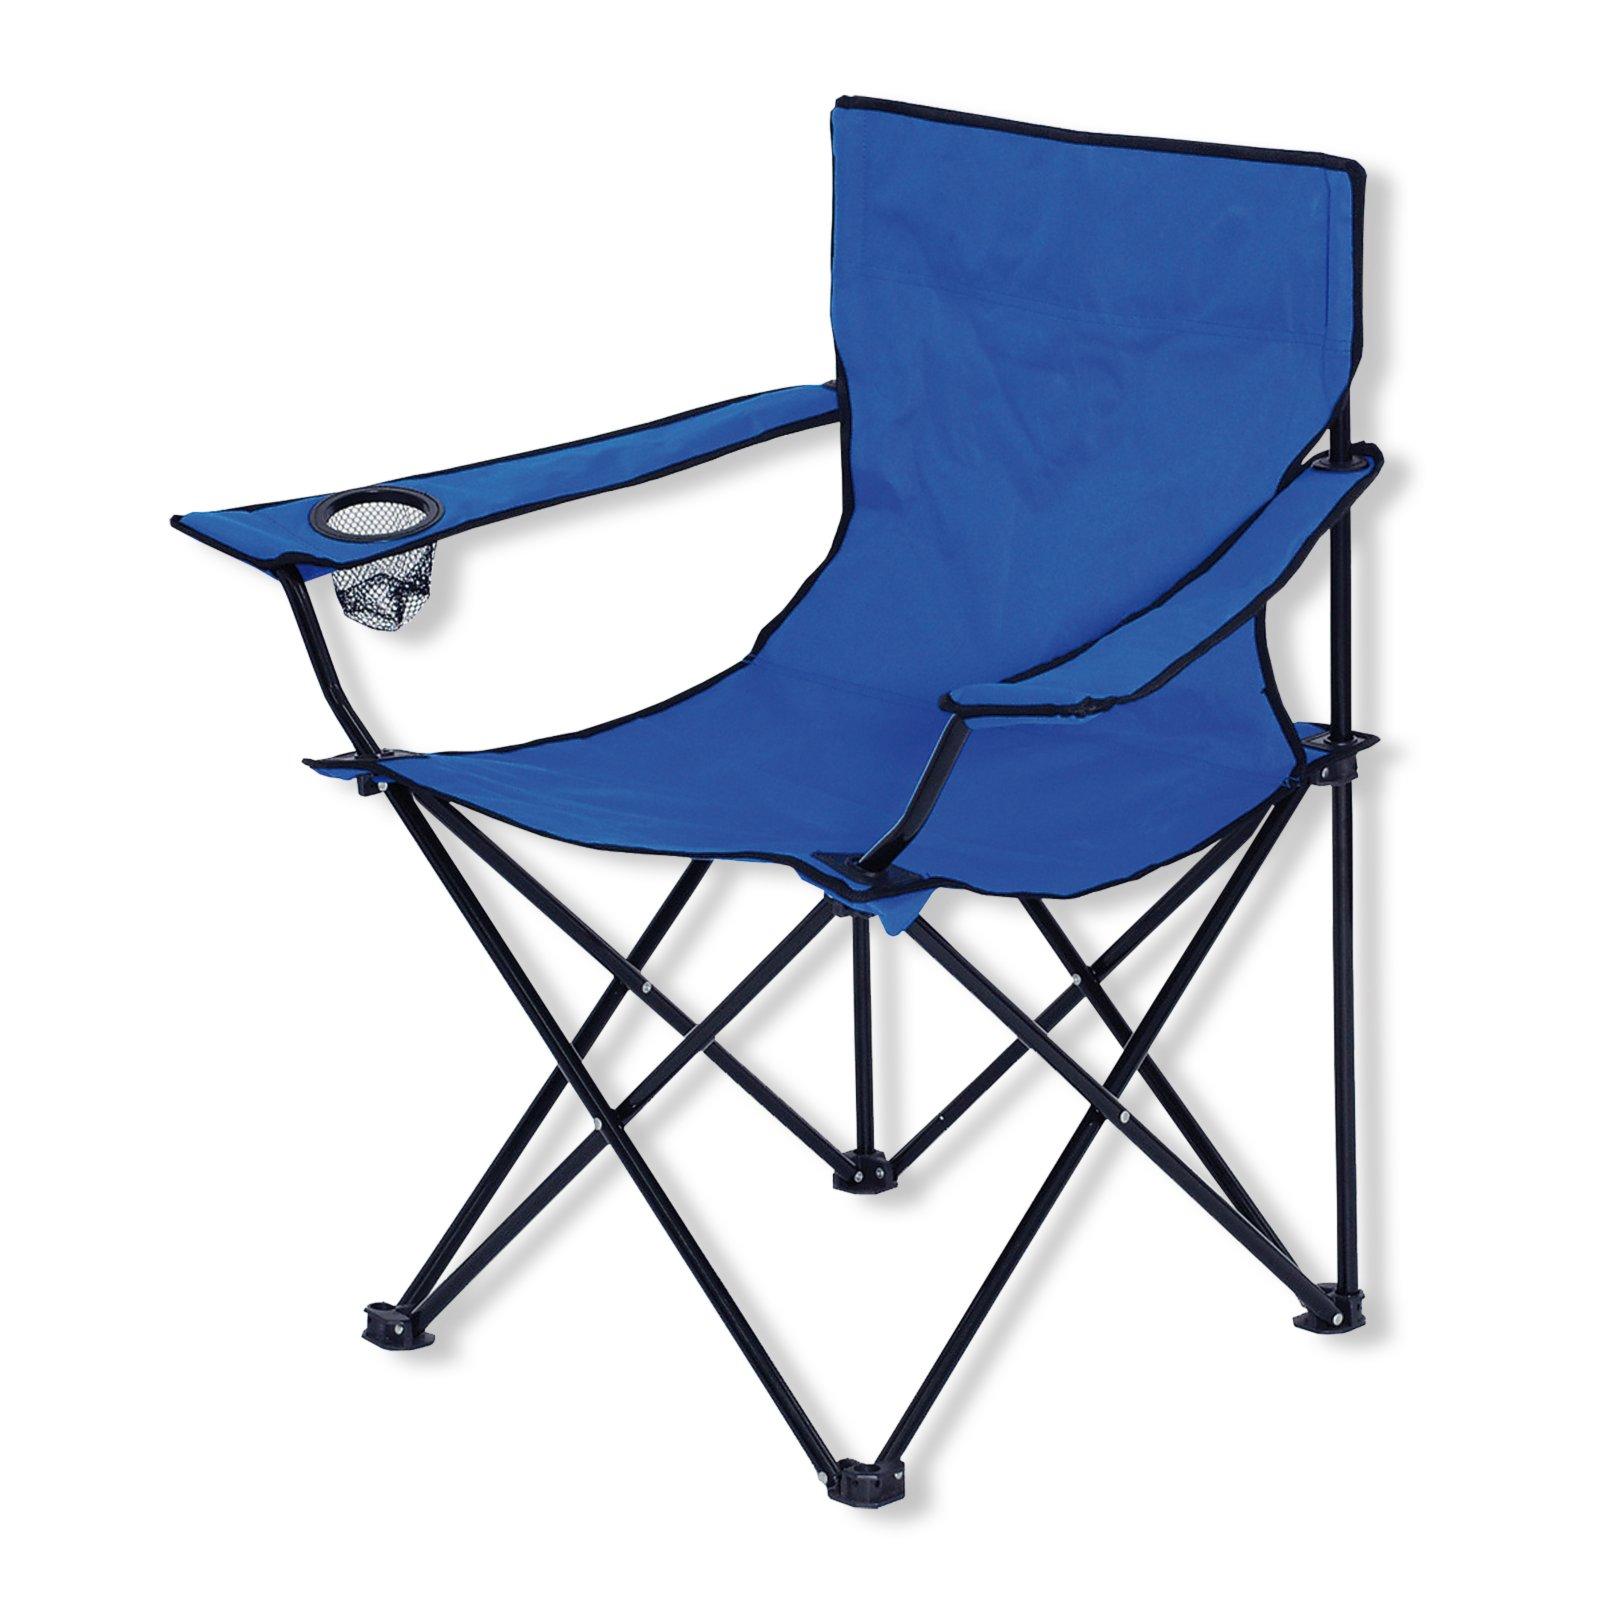 campingstuhl blau faltbar mit getr nkehalter. Black Bedroom Furniture Sets. Home Design Ideas